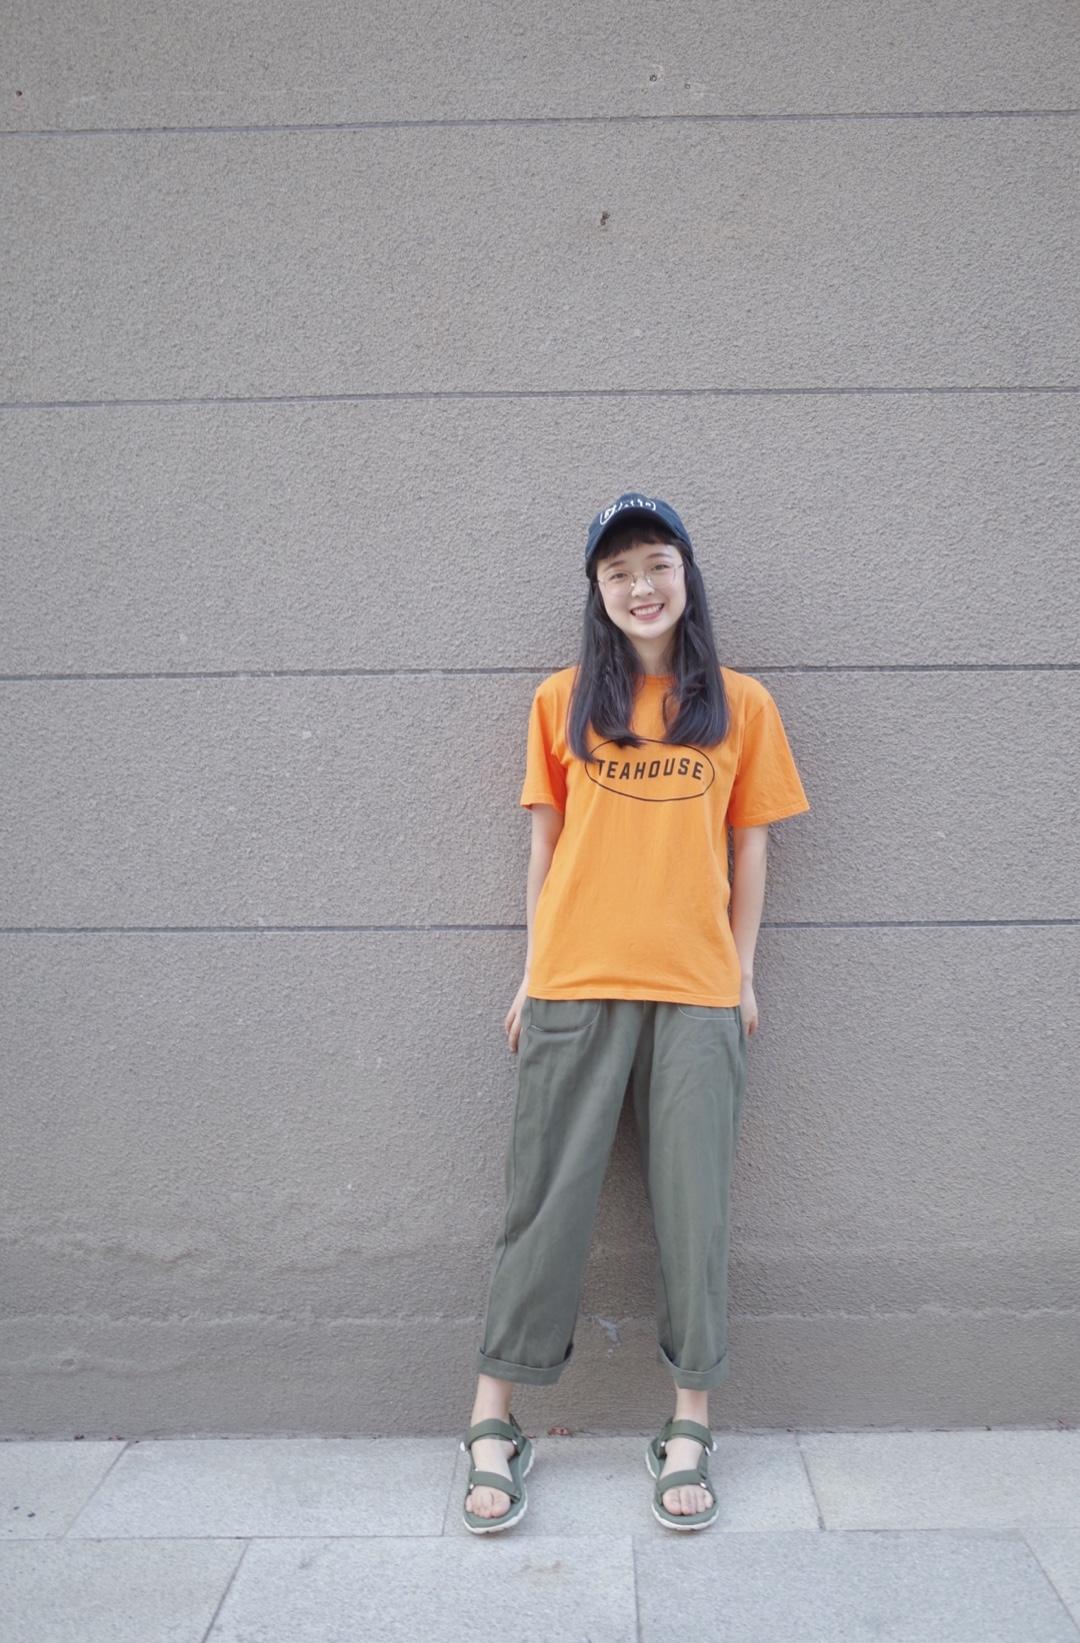 橙色短袖➕军绿工装裤➕凉鞋➕棒球帽的搭配~  🍊橘子汽水的香味飘在空气中~这个颜色很显白,比较元气。搭配绿色工装裤,男孩子感。凉鞋的颜色和裤子颜色一致,戴上棒球帽不怕晒!  #今夏最爆t恤长什么样#